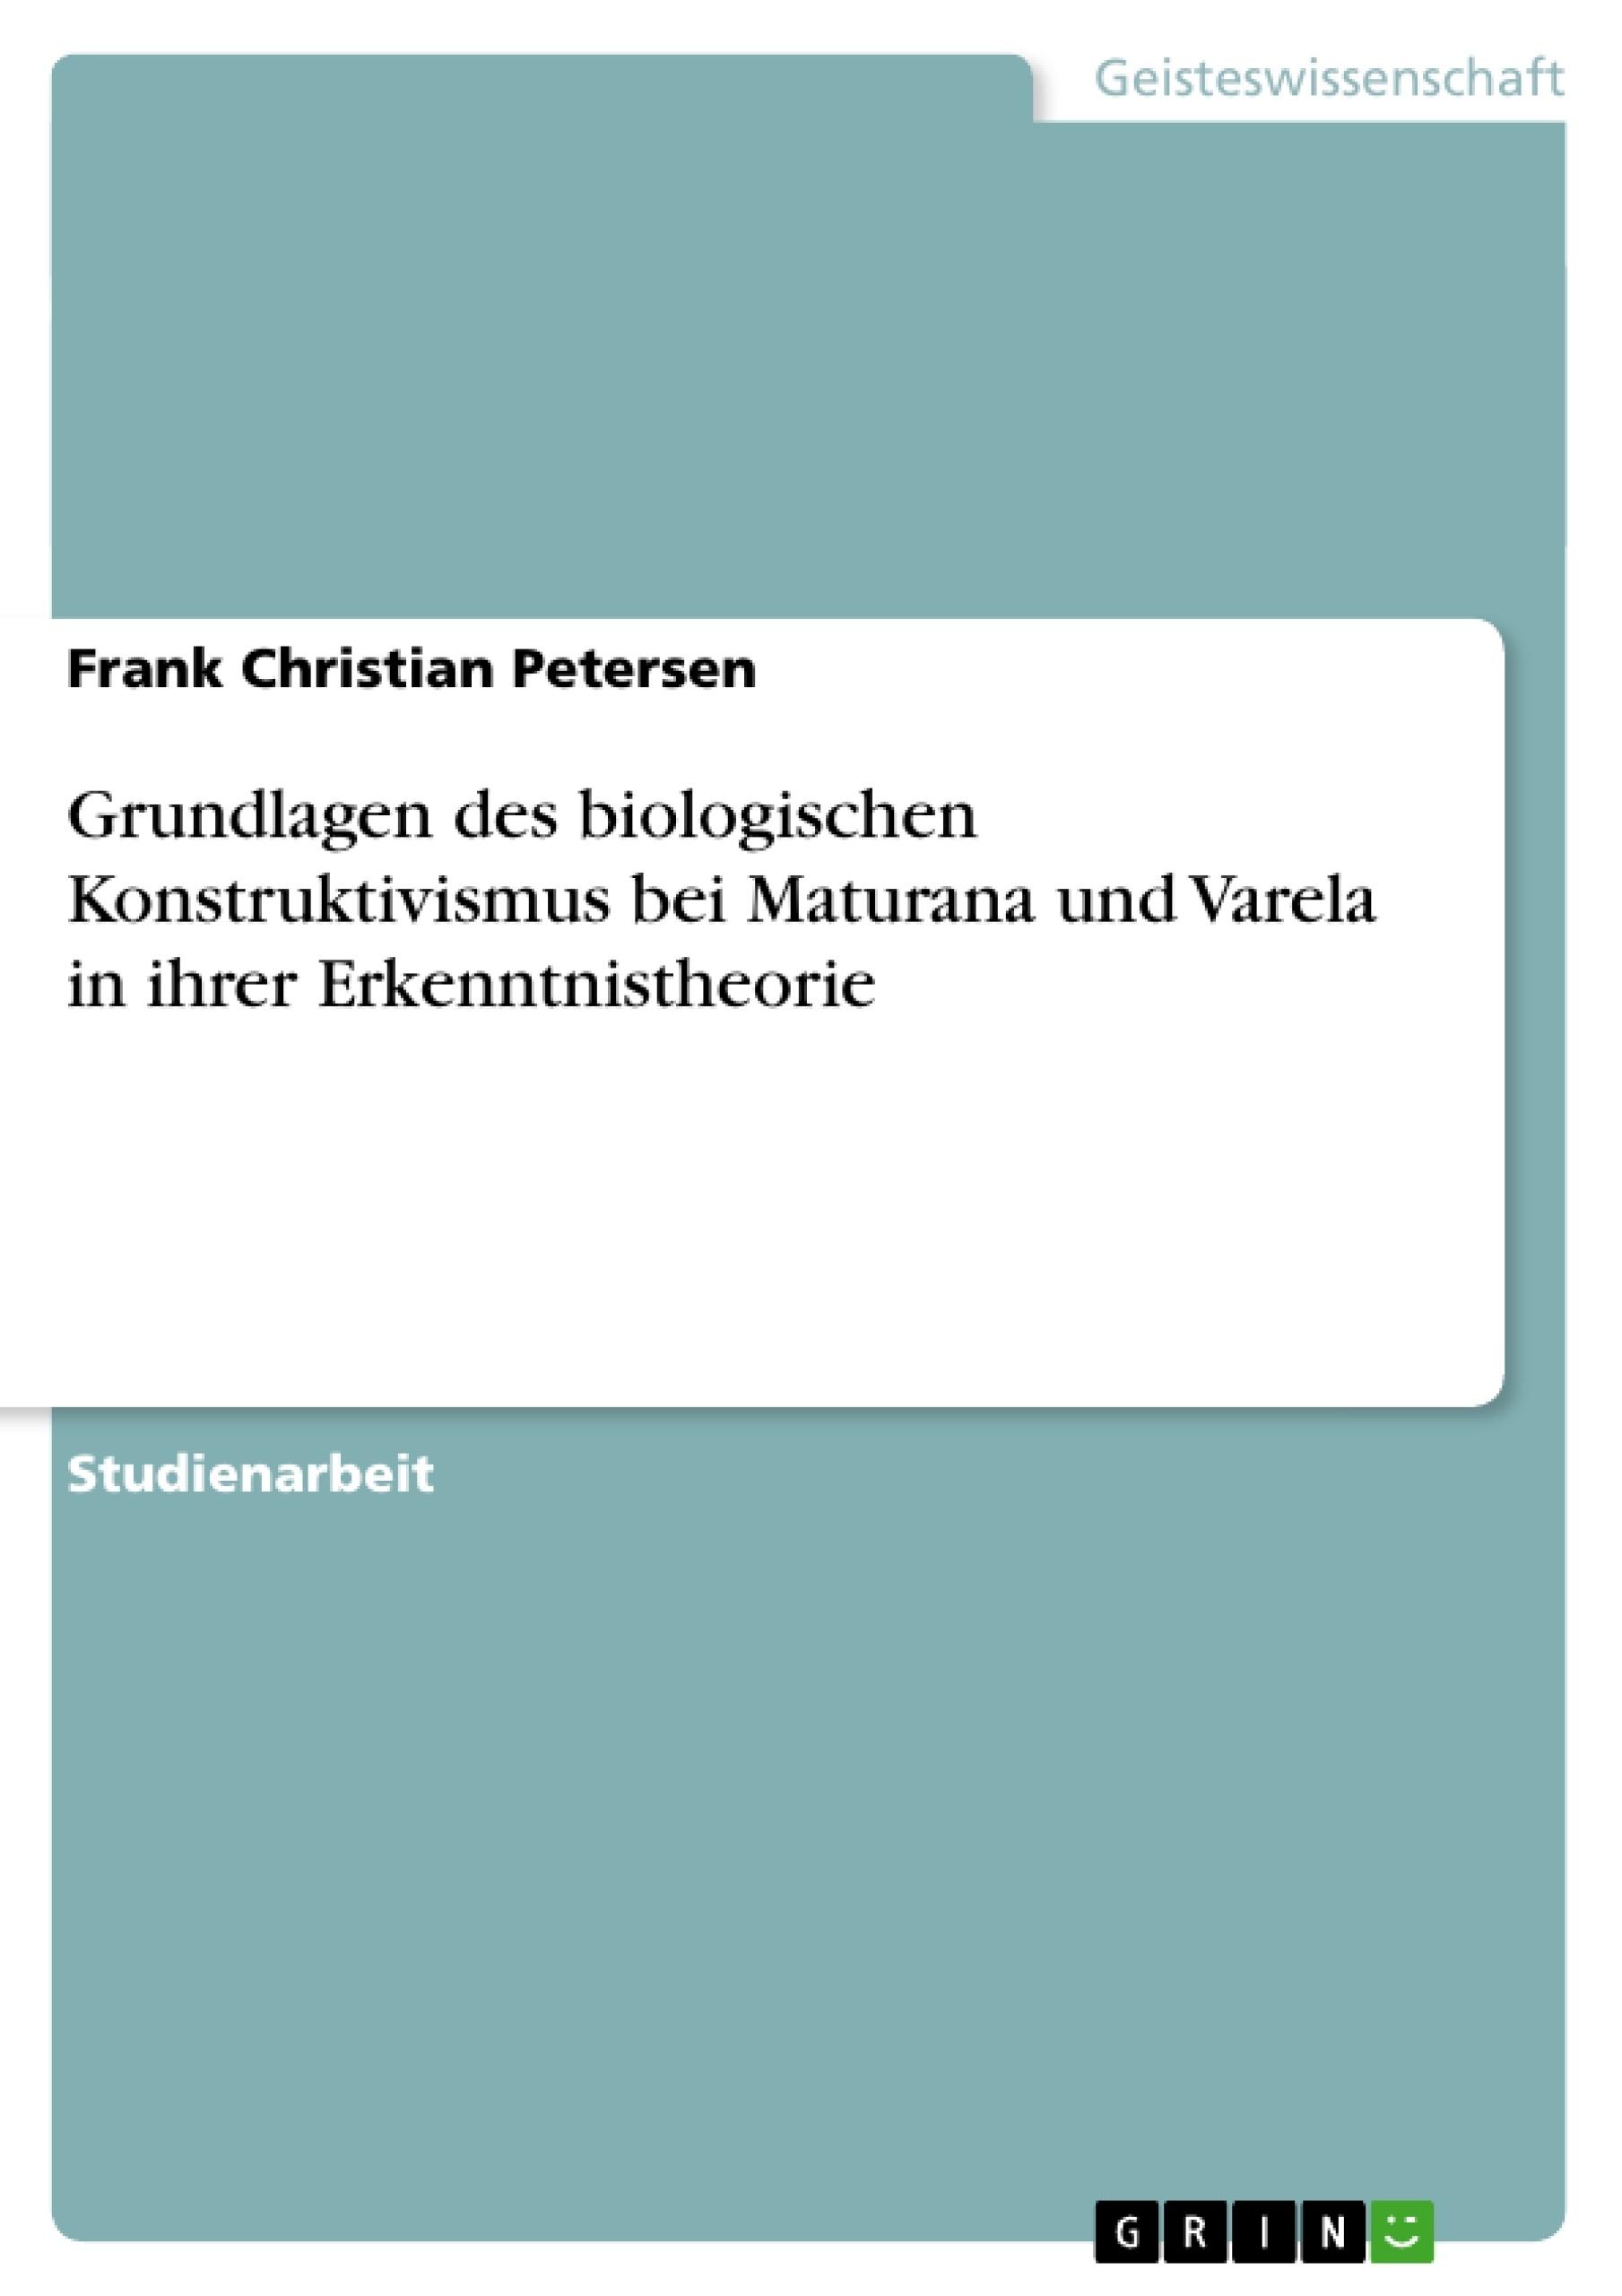 Titel: Grundlagen des biologischen Konstruktivismus bei Maturana und Varela in ihrer Erkenntnistheorie